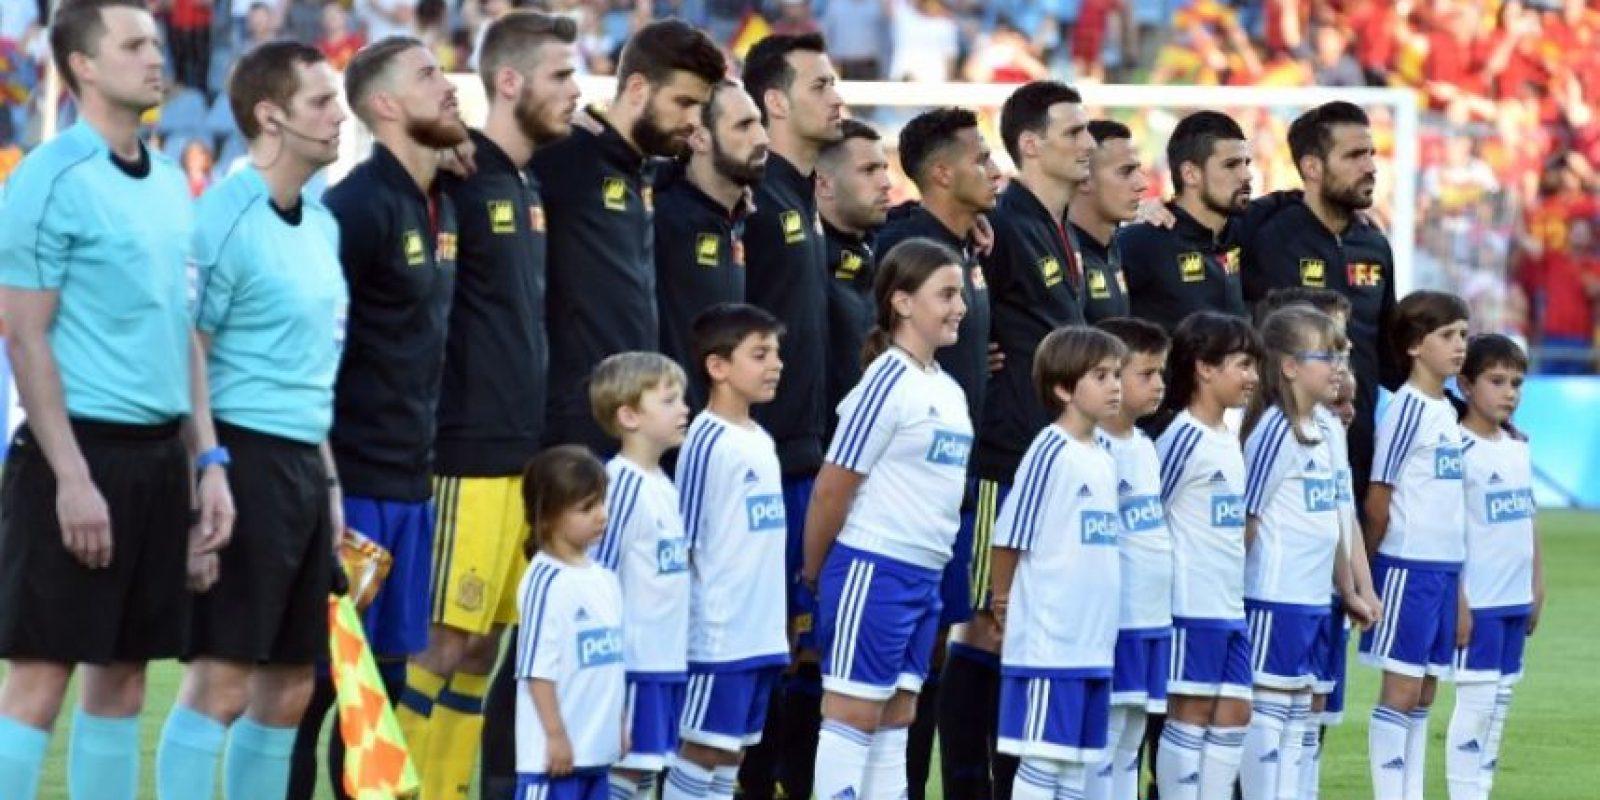 La actuación del portero del Manchester United no convenció a los aficionados que pidieron la titularidad de Casillas. Foto:AFP